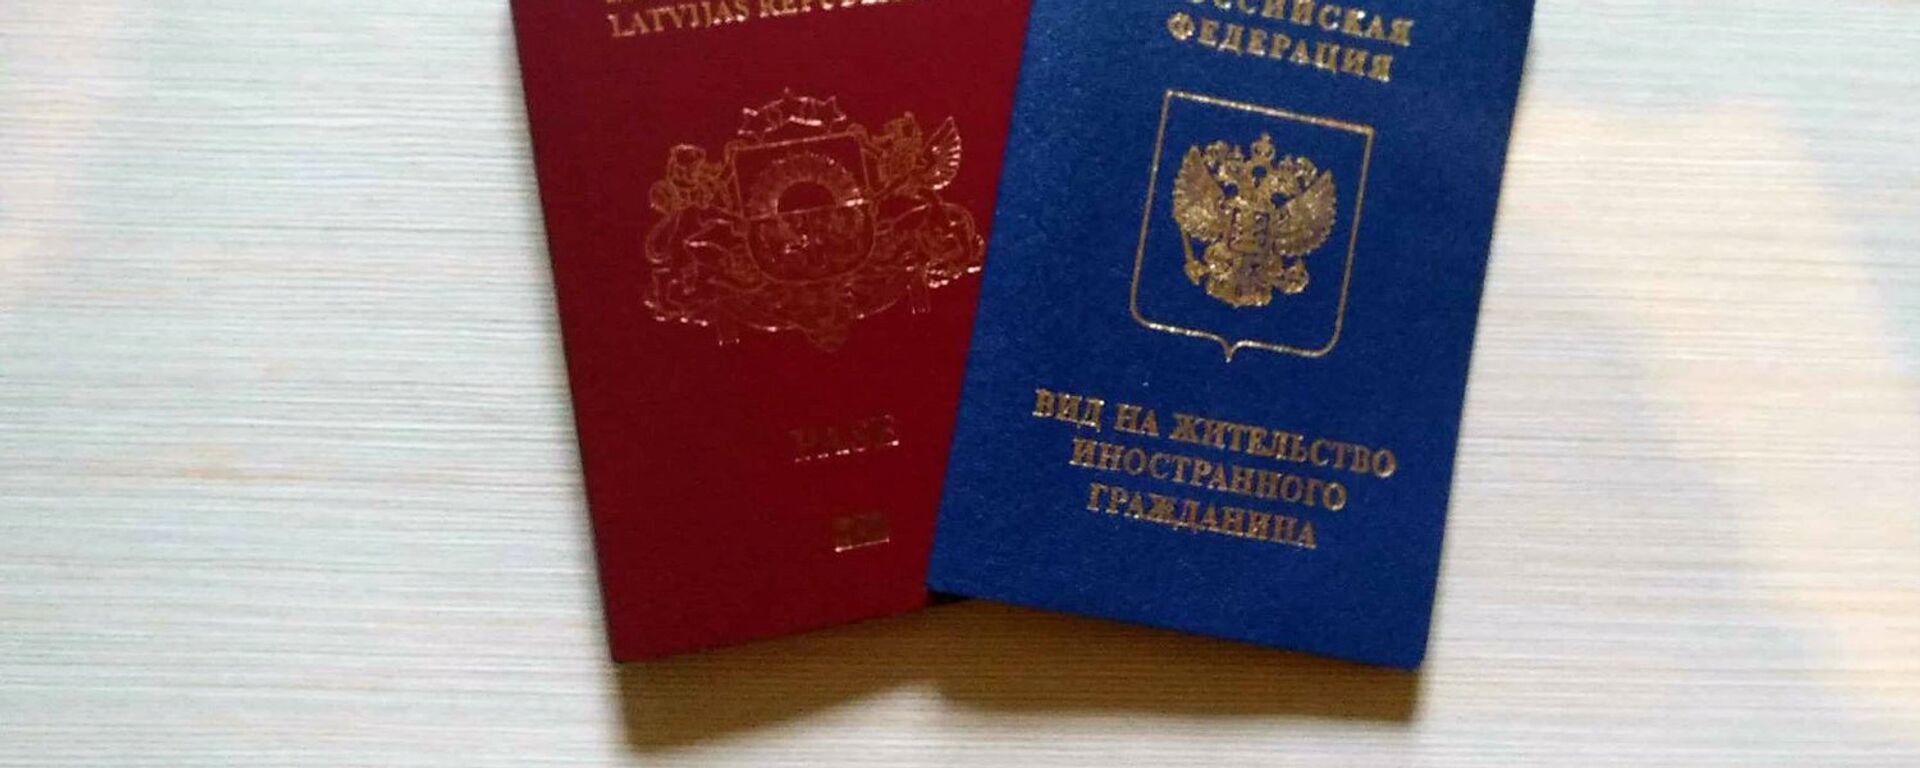 Паспорт гражданина Латвийской республики и вид на жительство иностранного гражданина РФ - Sputnik Latvija, 1920, 10.02.2020